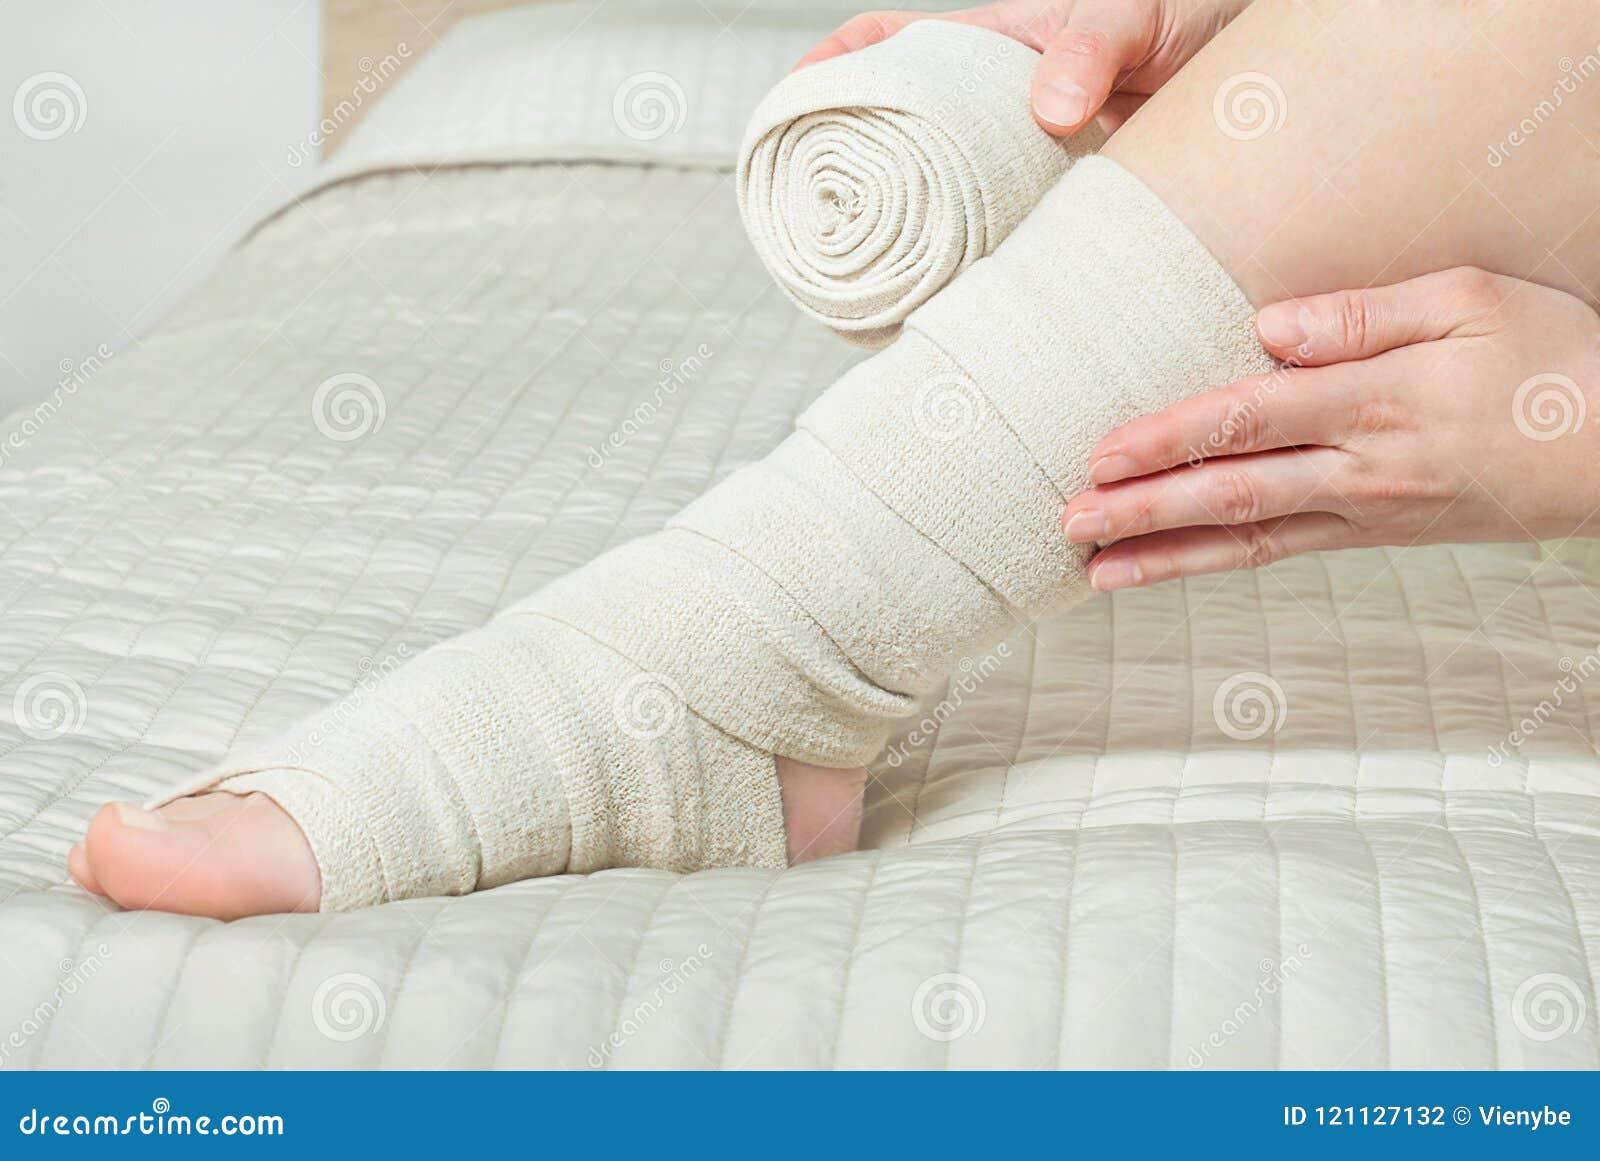 Γυναίκα που εφαρμόζει τον ελαστικό επίδεσμο συμπίεσης ως πρόληψη θρόμβωσης μετά από την κιρσώδη χειρουργική επέμβαση